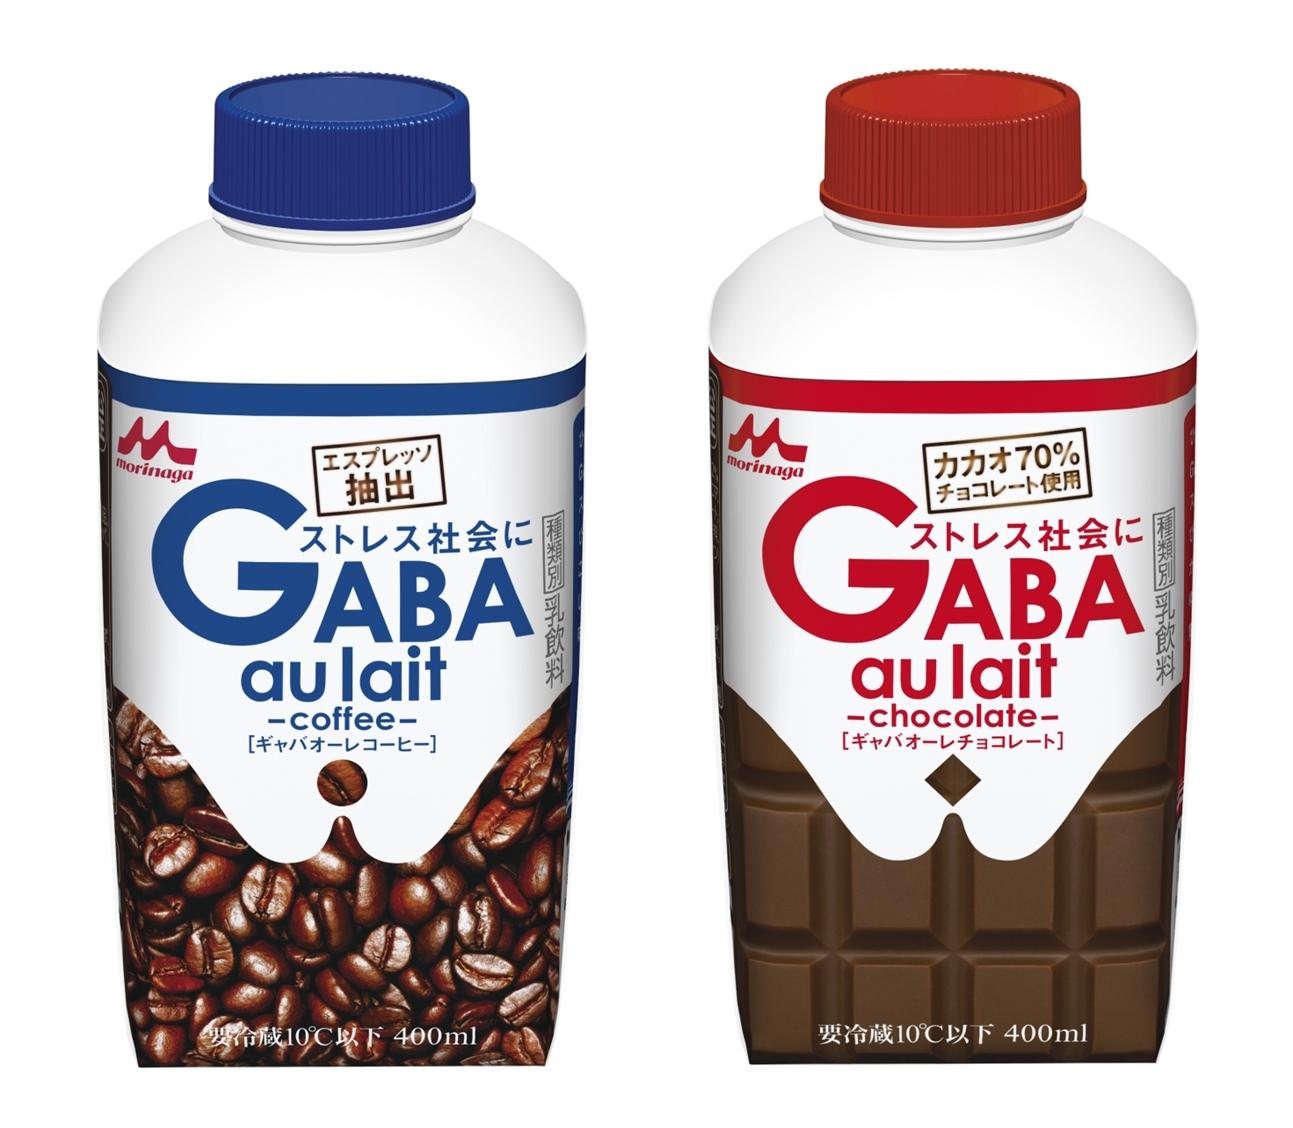 ストレス社会に!GABAを配合した乳飲料が新登場!「GABA au lait コーヒー/チョコレート」4月3日(火)より新発売